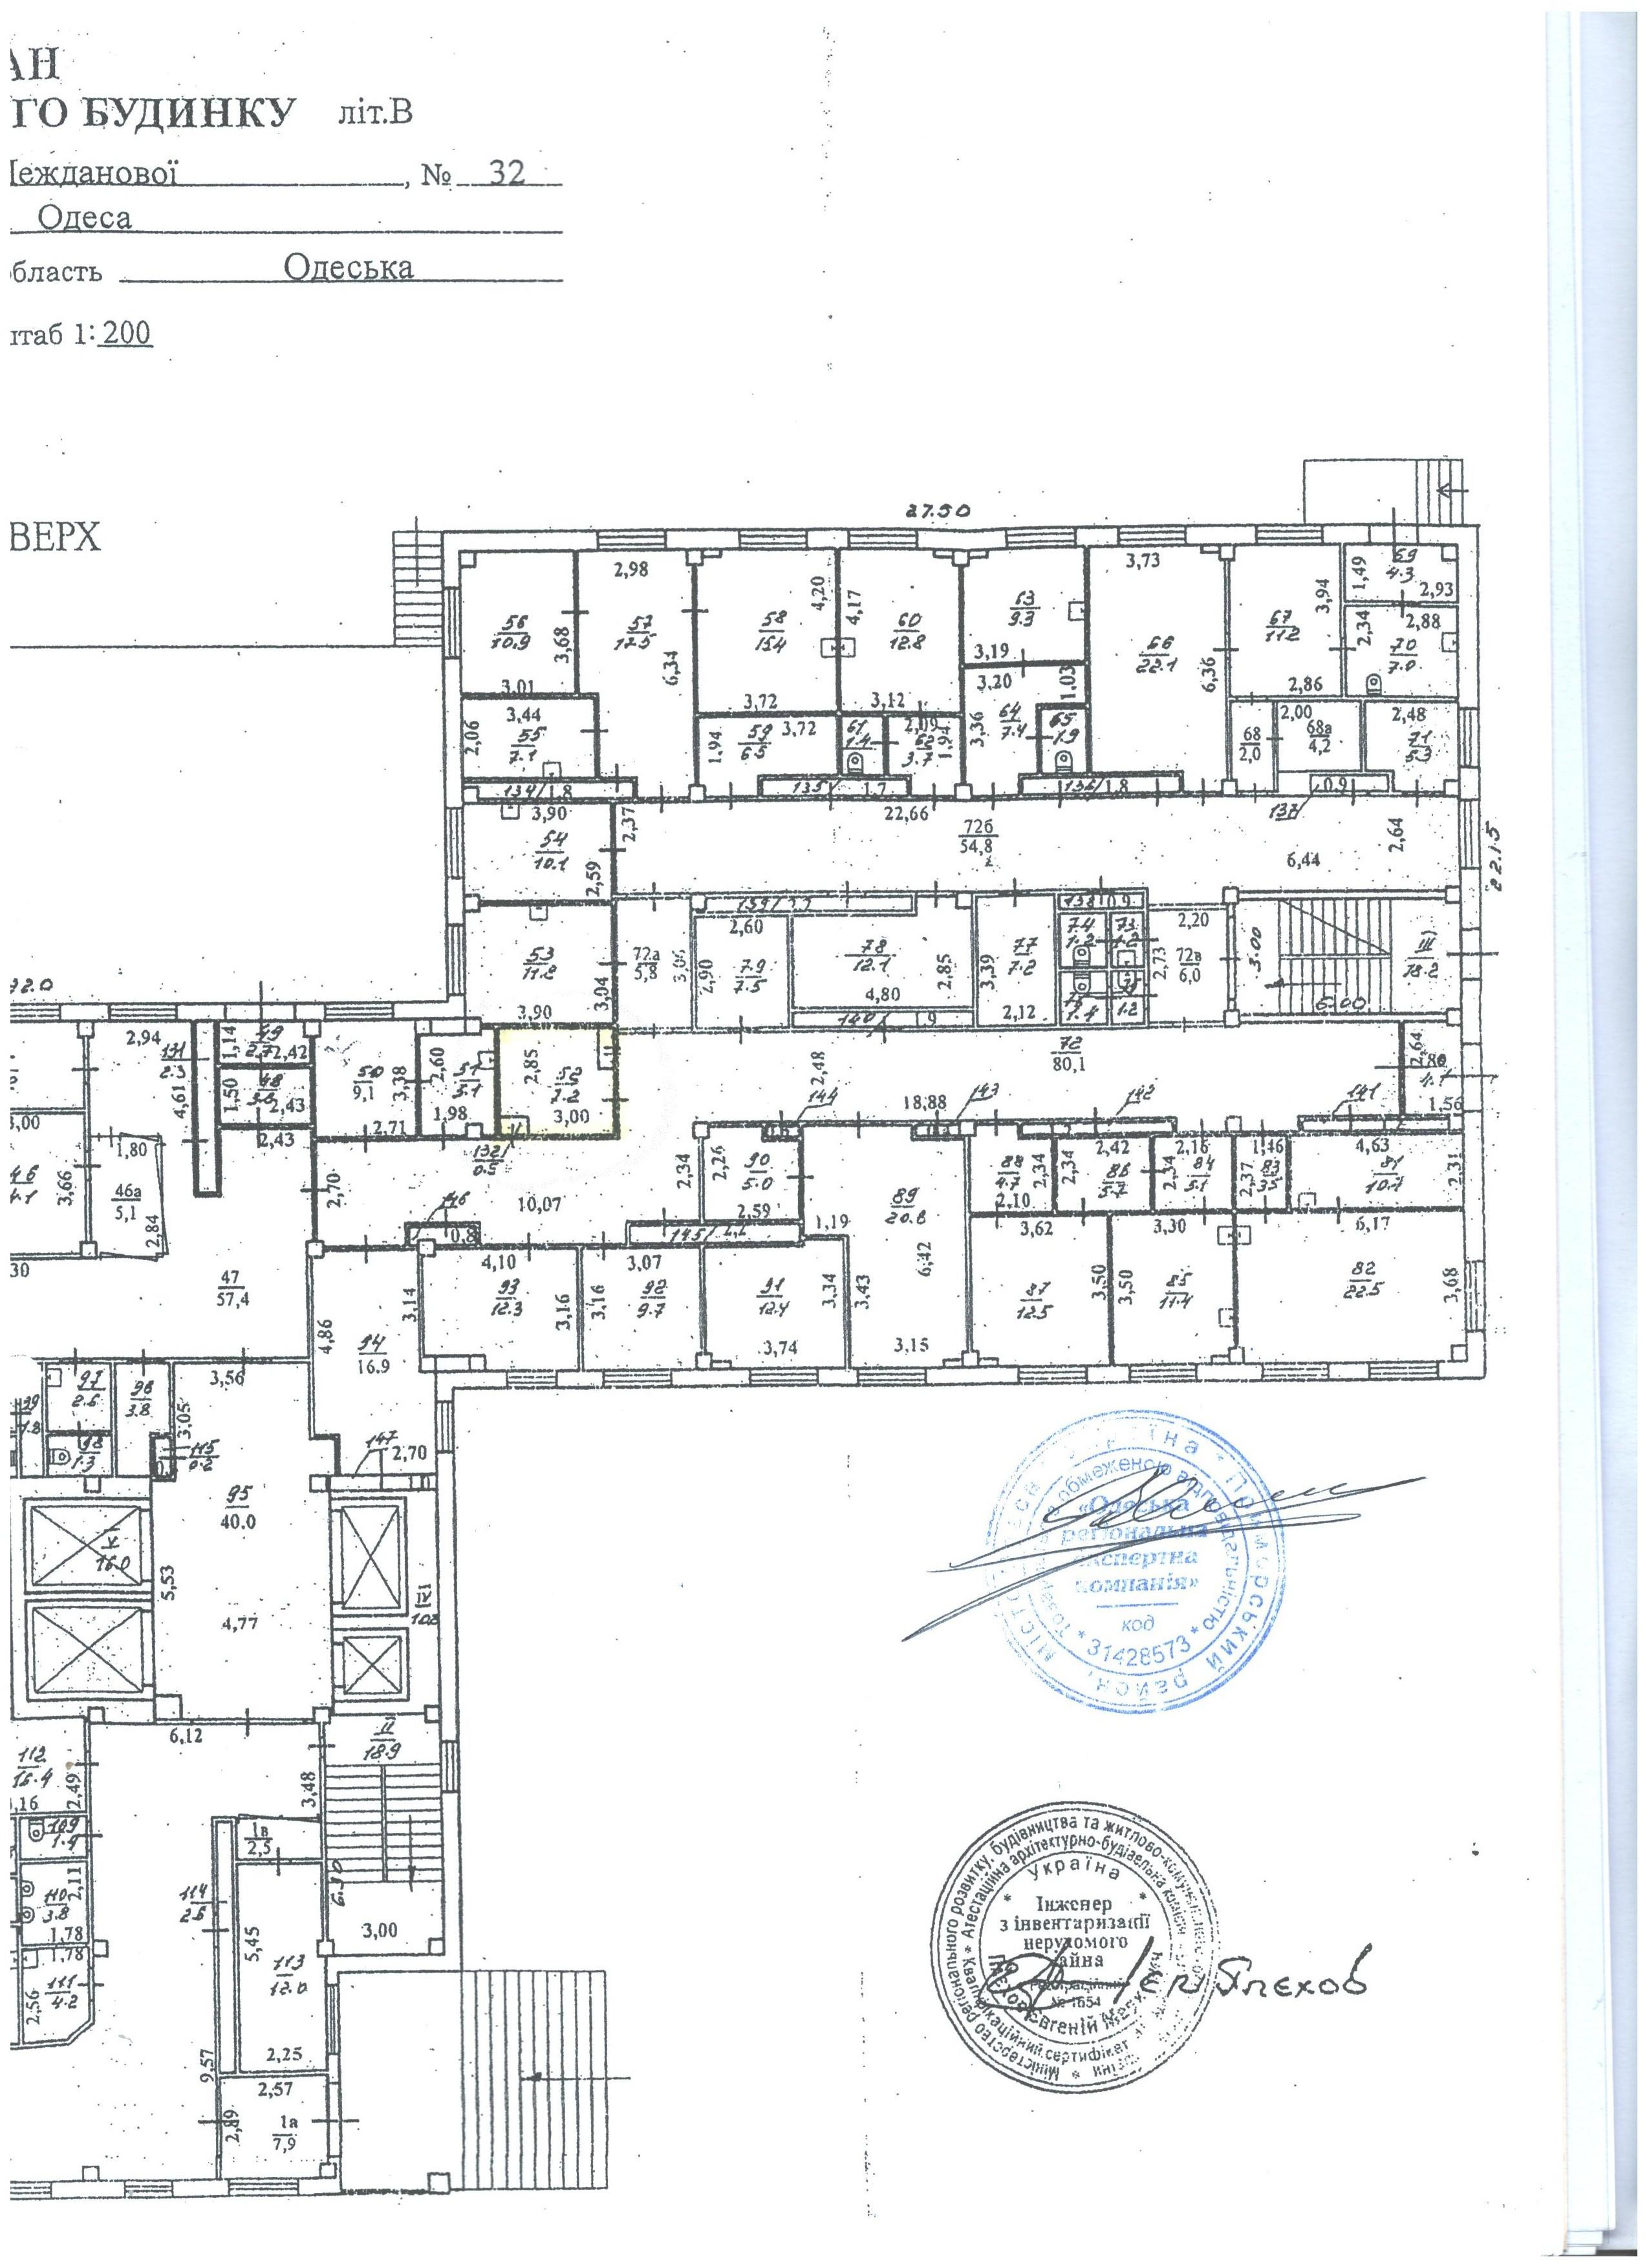 Про передачу в оренду на аукціоні нежитлового приміщення першого поверху шестиповерхової будівлі літ. «В» головного корпусу диспансеру загальною площею 7,2 кв. м, що знаходиться за адресою: м. Одеса, вул. Нежданової, 32